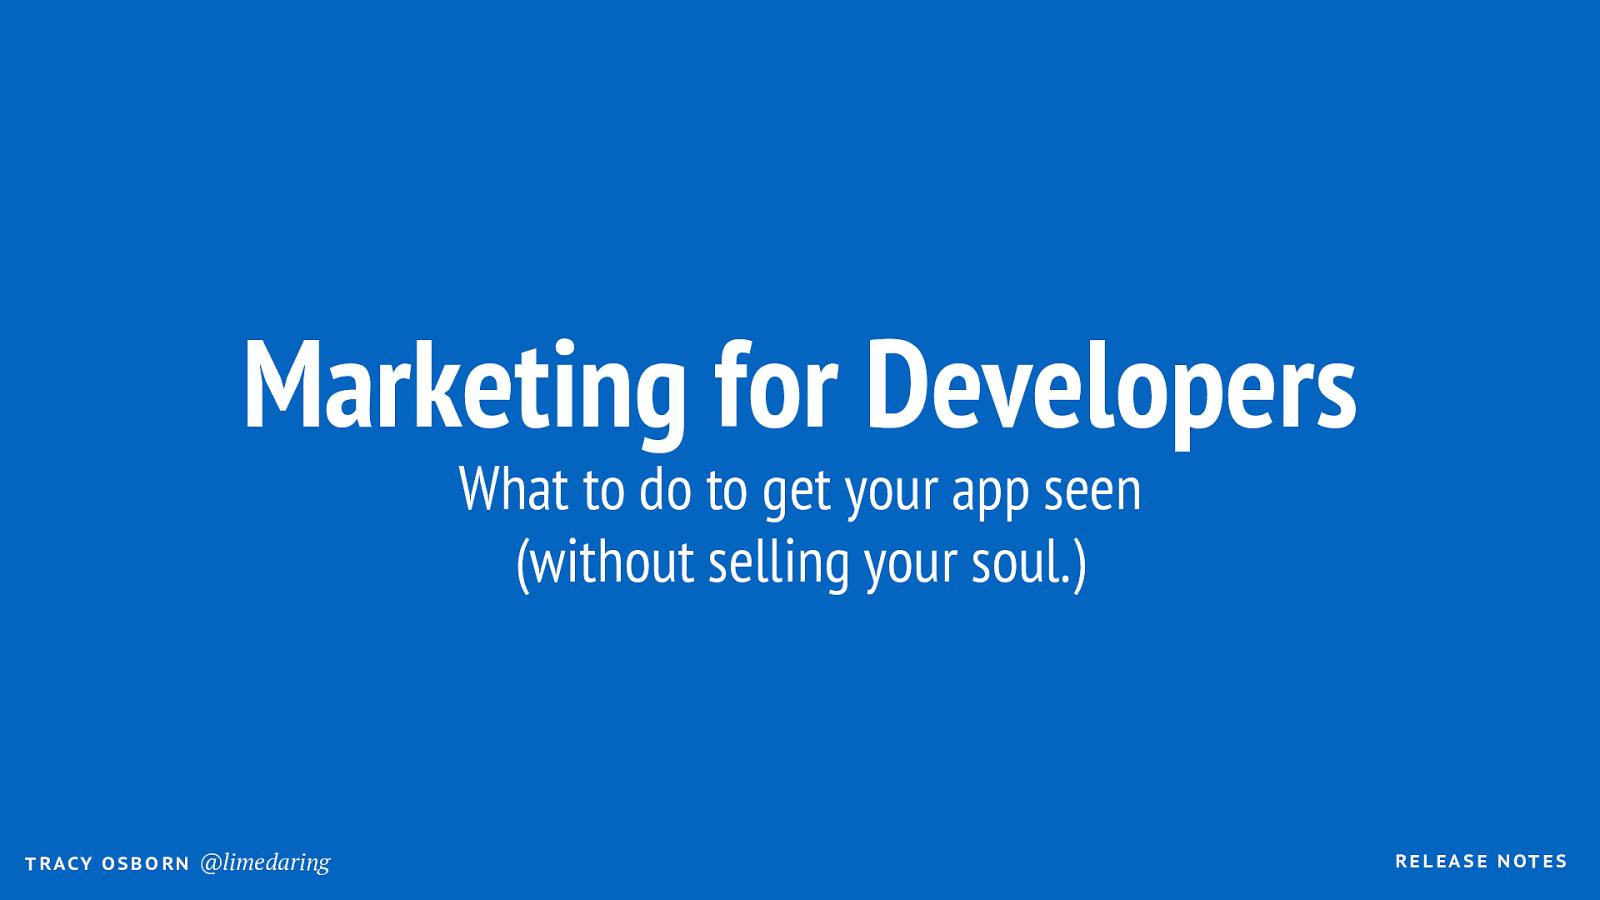 Marketing for App Developers